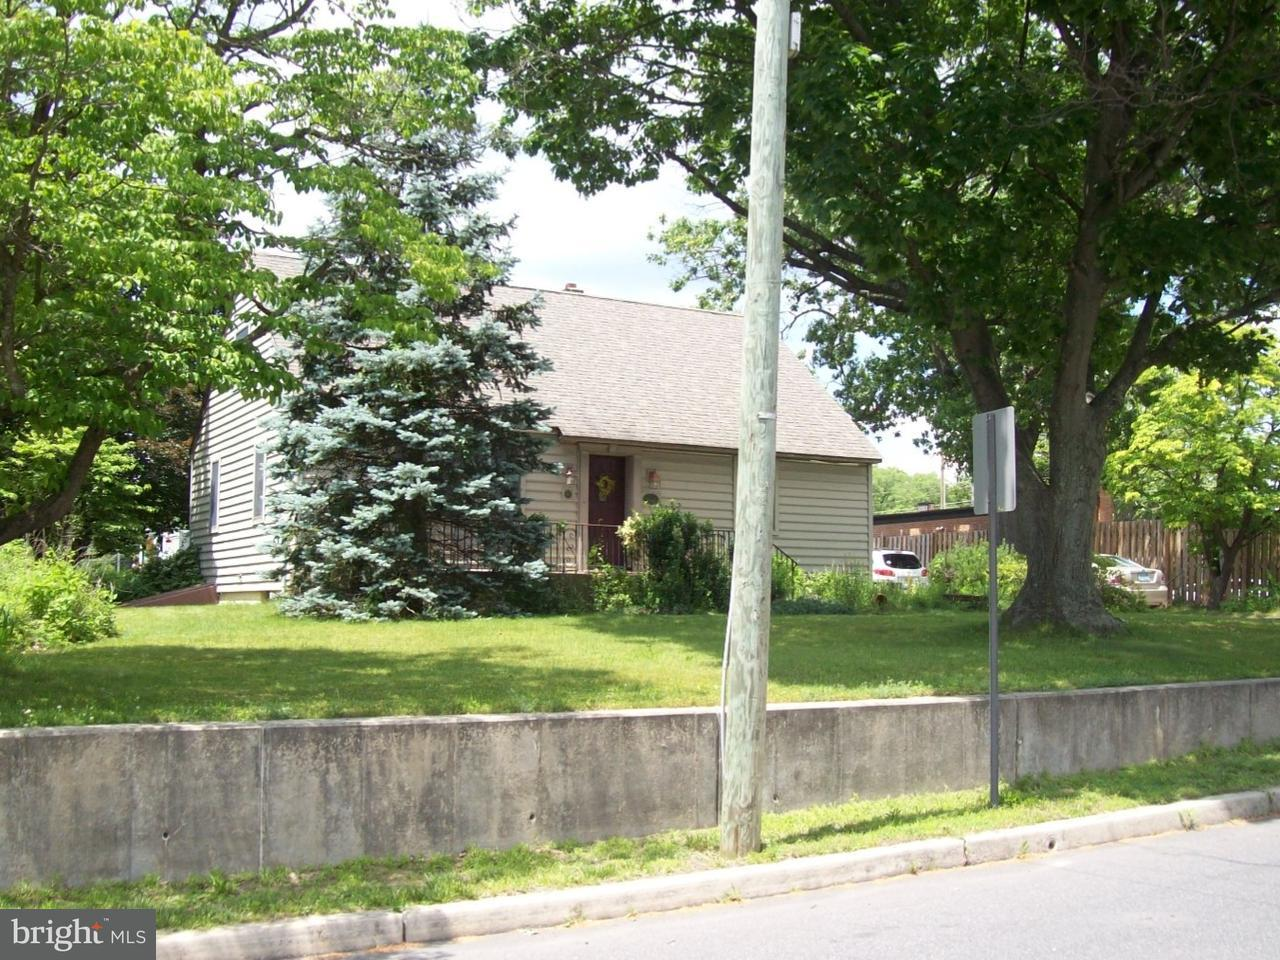 Частный односемейный дом для того Продажа на 45 E CLEMENTON RD E Gibbsboro, Нью-Джерси 08026 Соединенные Штаты